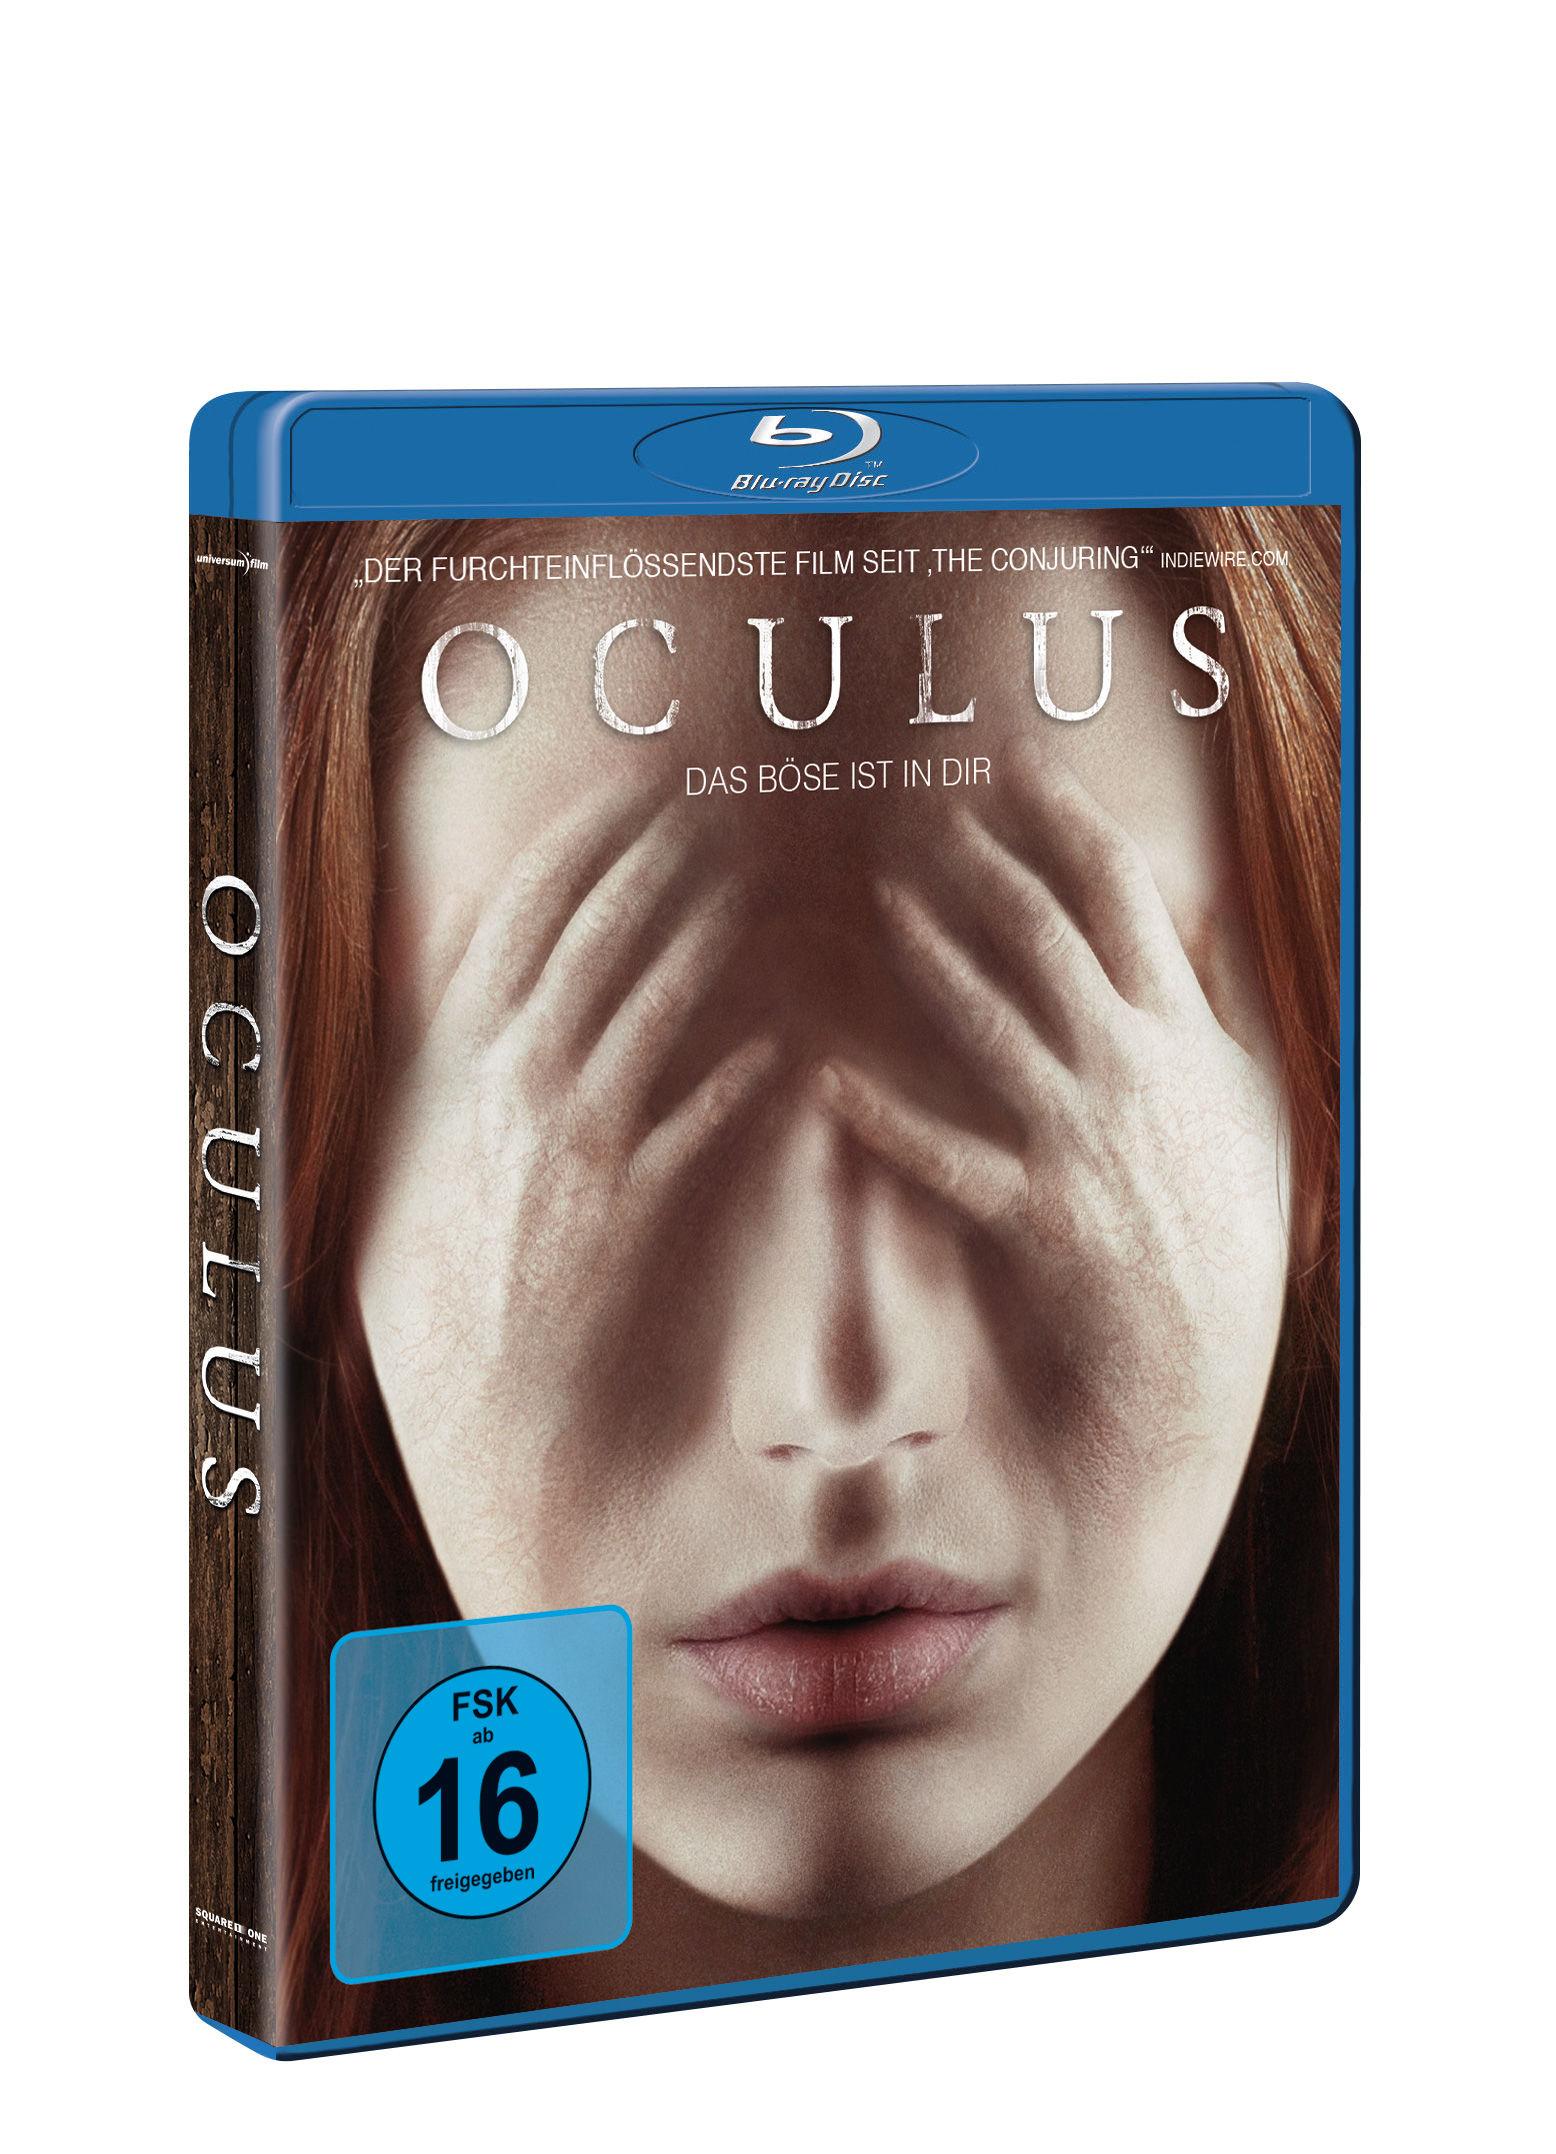 Oculus_BD_Bluray_888430858091_3D.300dpi